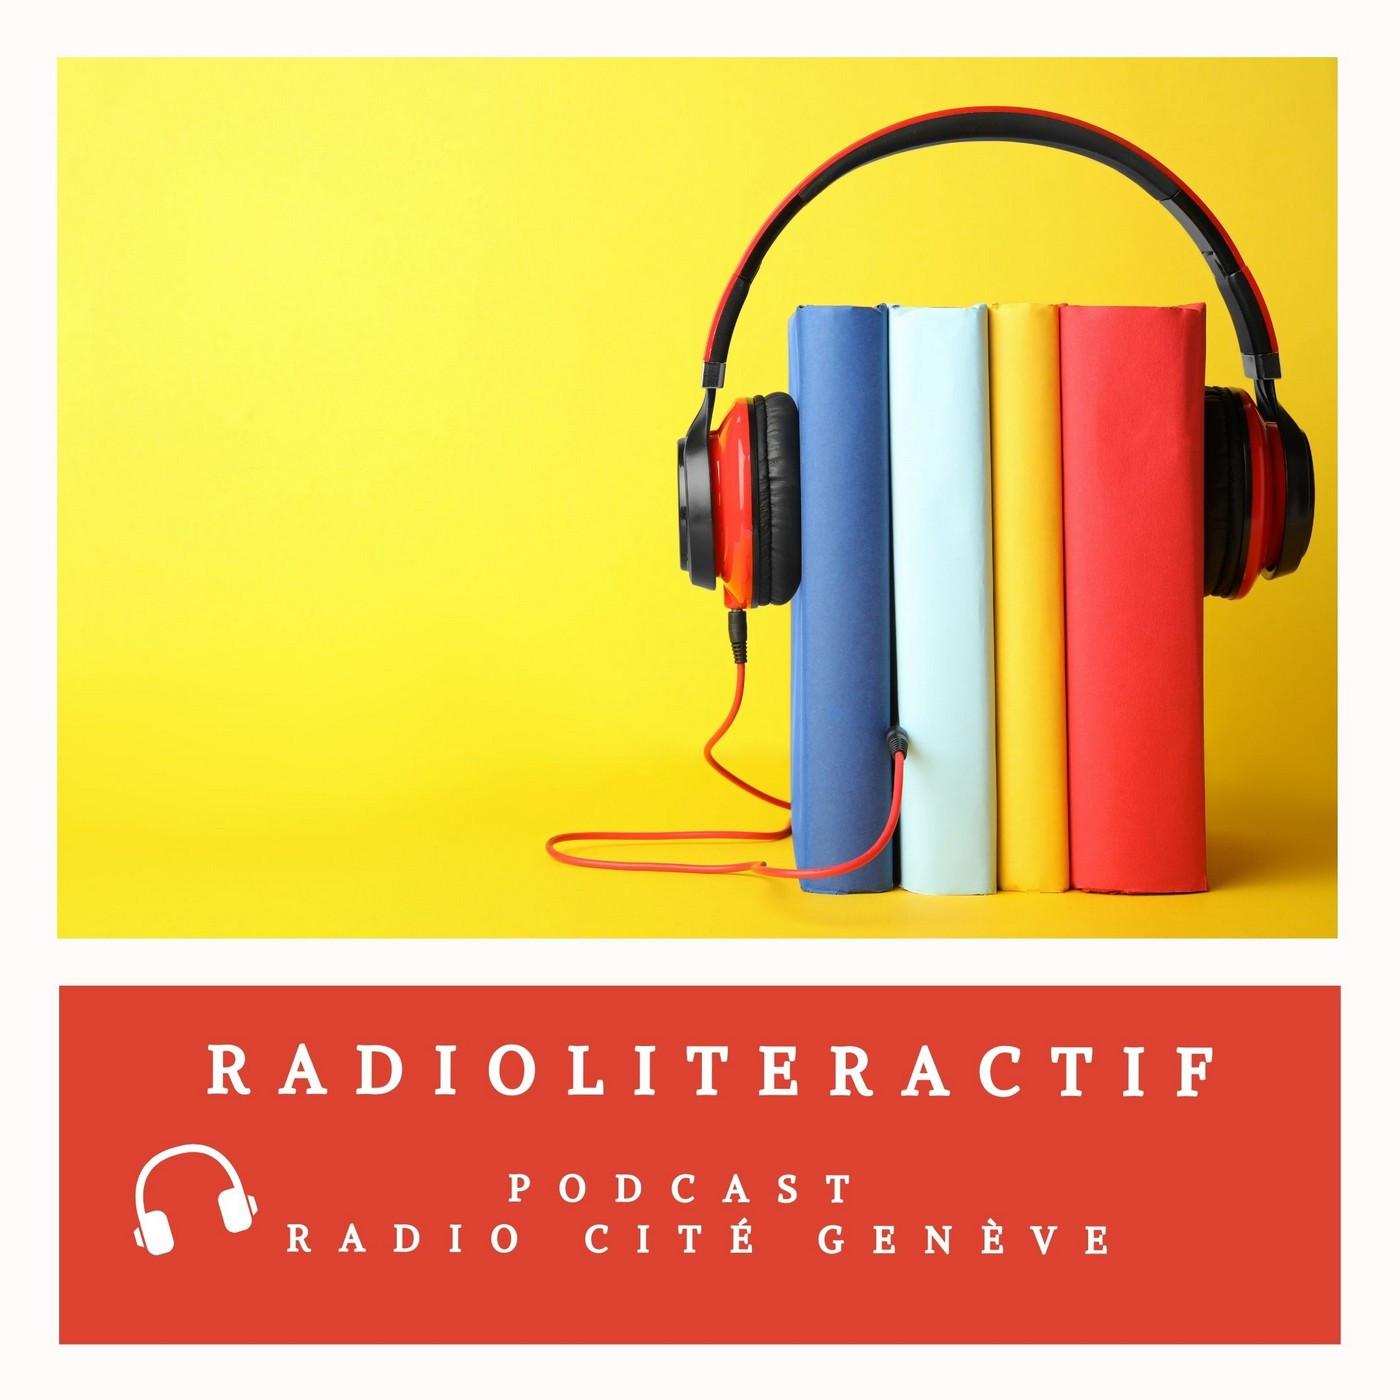 Radioliteractif du 26/10/20 - Colombe Boncenne